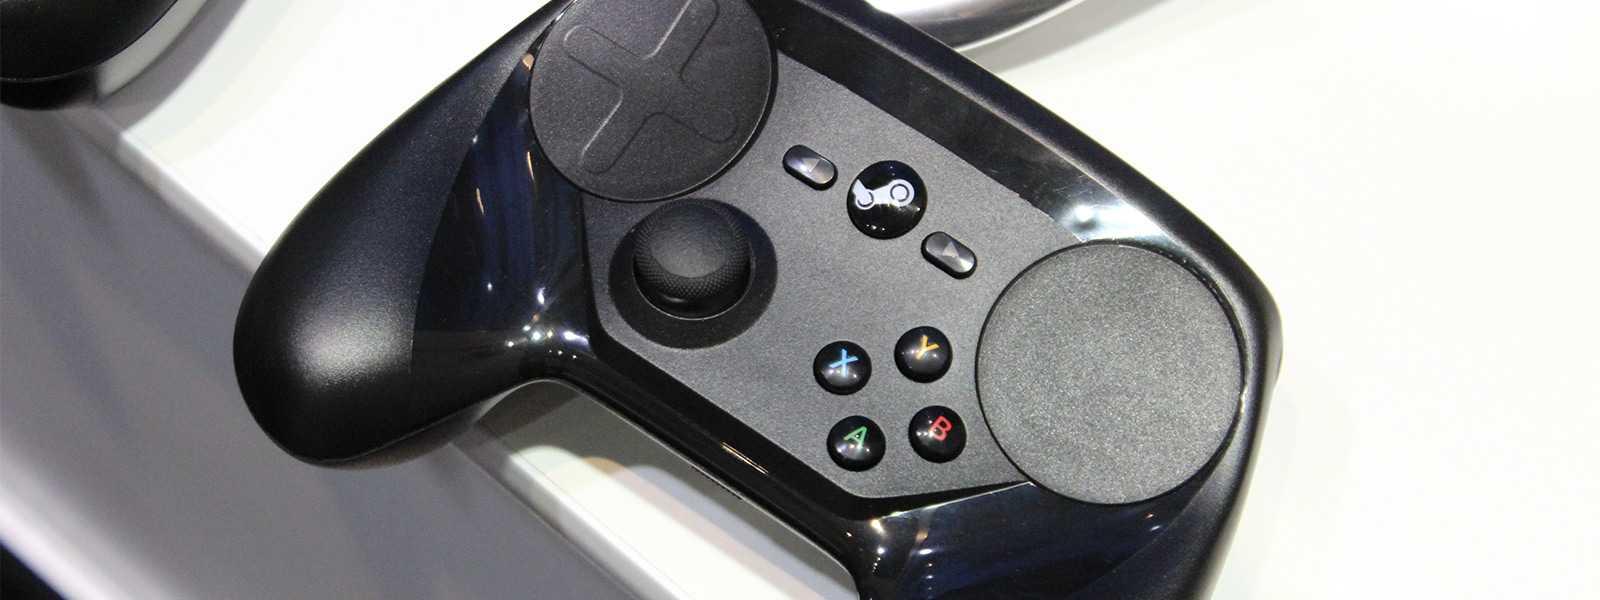 Steam link и steam controller от компании valve, что это такое?!